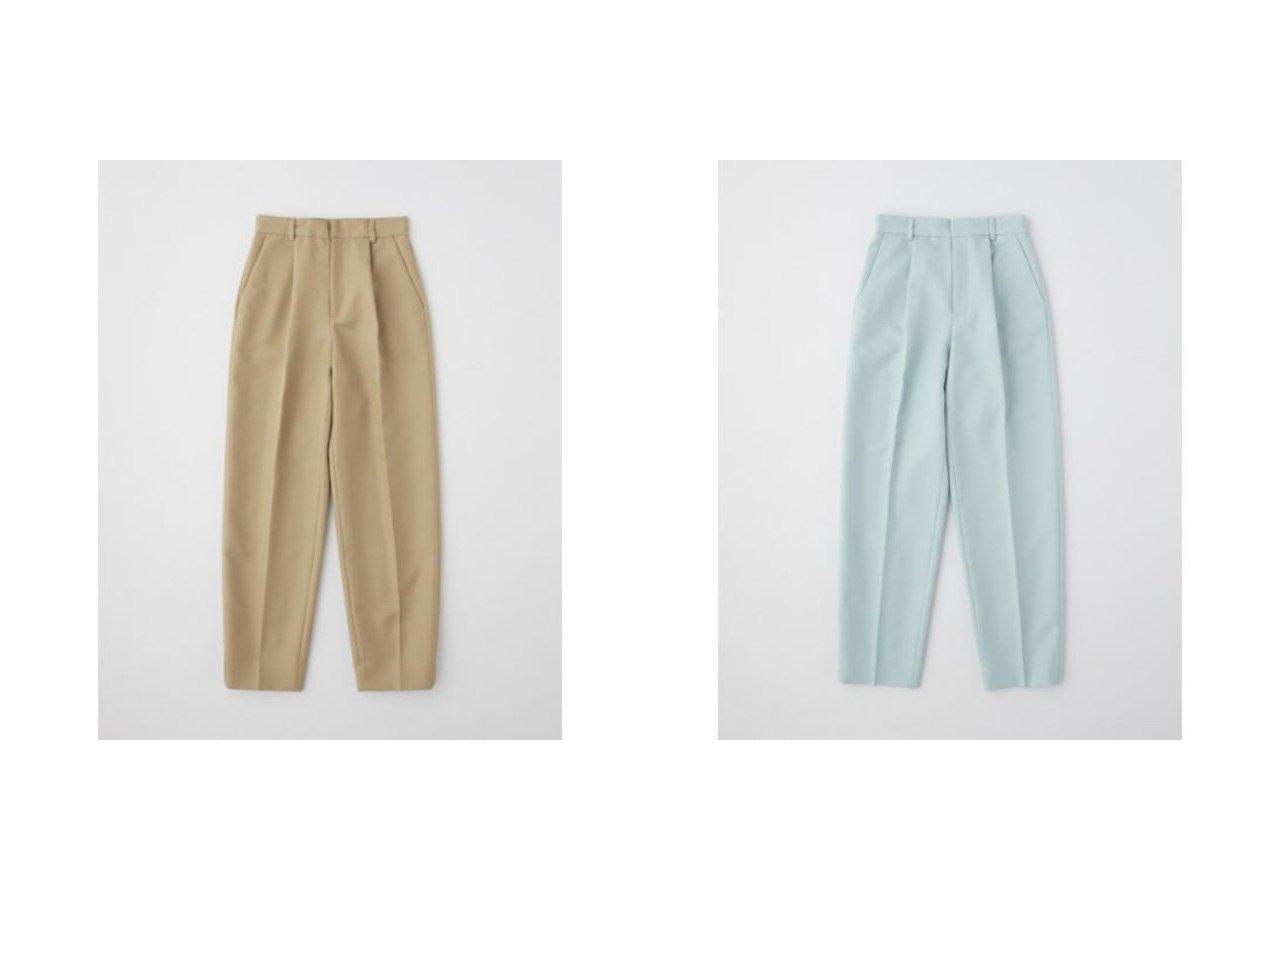 【TWW / Traditional Weatherwear/トラディショナル ウェザーウェア】の【HIGH STREET COLLECTION】RELAX TAPERED PANTS パンツのおすすめ!人気、トレンド・レディースファッションの通販 おすすめで人気の流行・トレンド、ファッションの通販商品 メンズファッション・キッズファッション・インテリア・家具・レディースファッション・服の通販 founy(ファニー) https://founy.com/ ファッション Fashion レディースファッション WOMEN パンツ Pants フロント 軽量 |ID:crp329100000022395